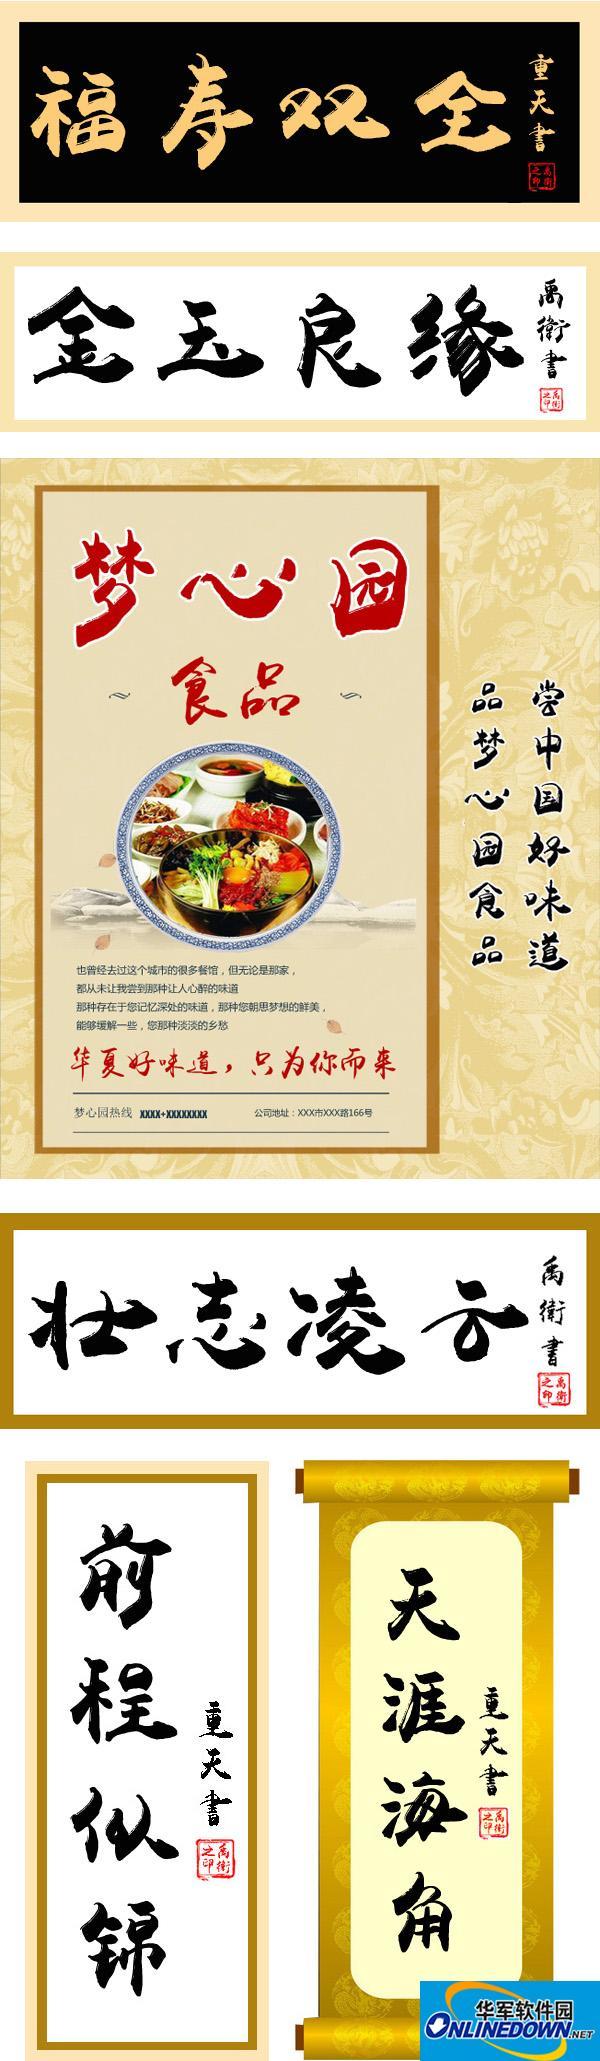 禹卫书法隶书简体 PC版